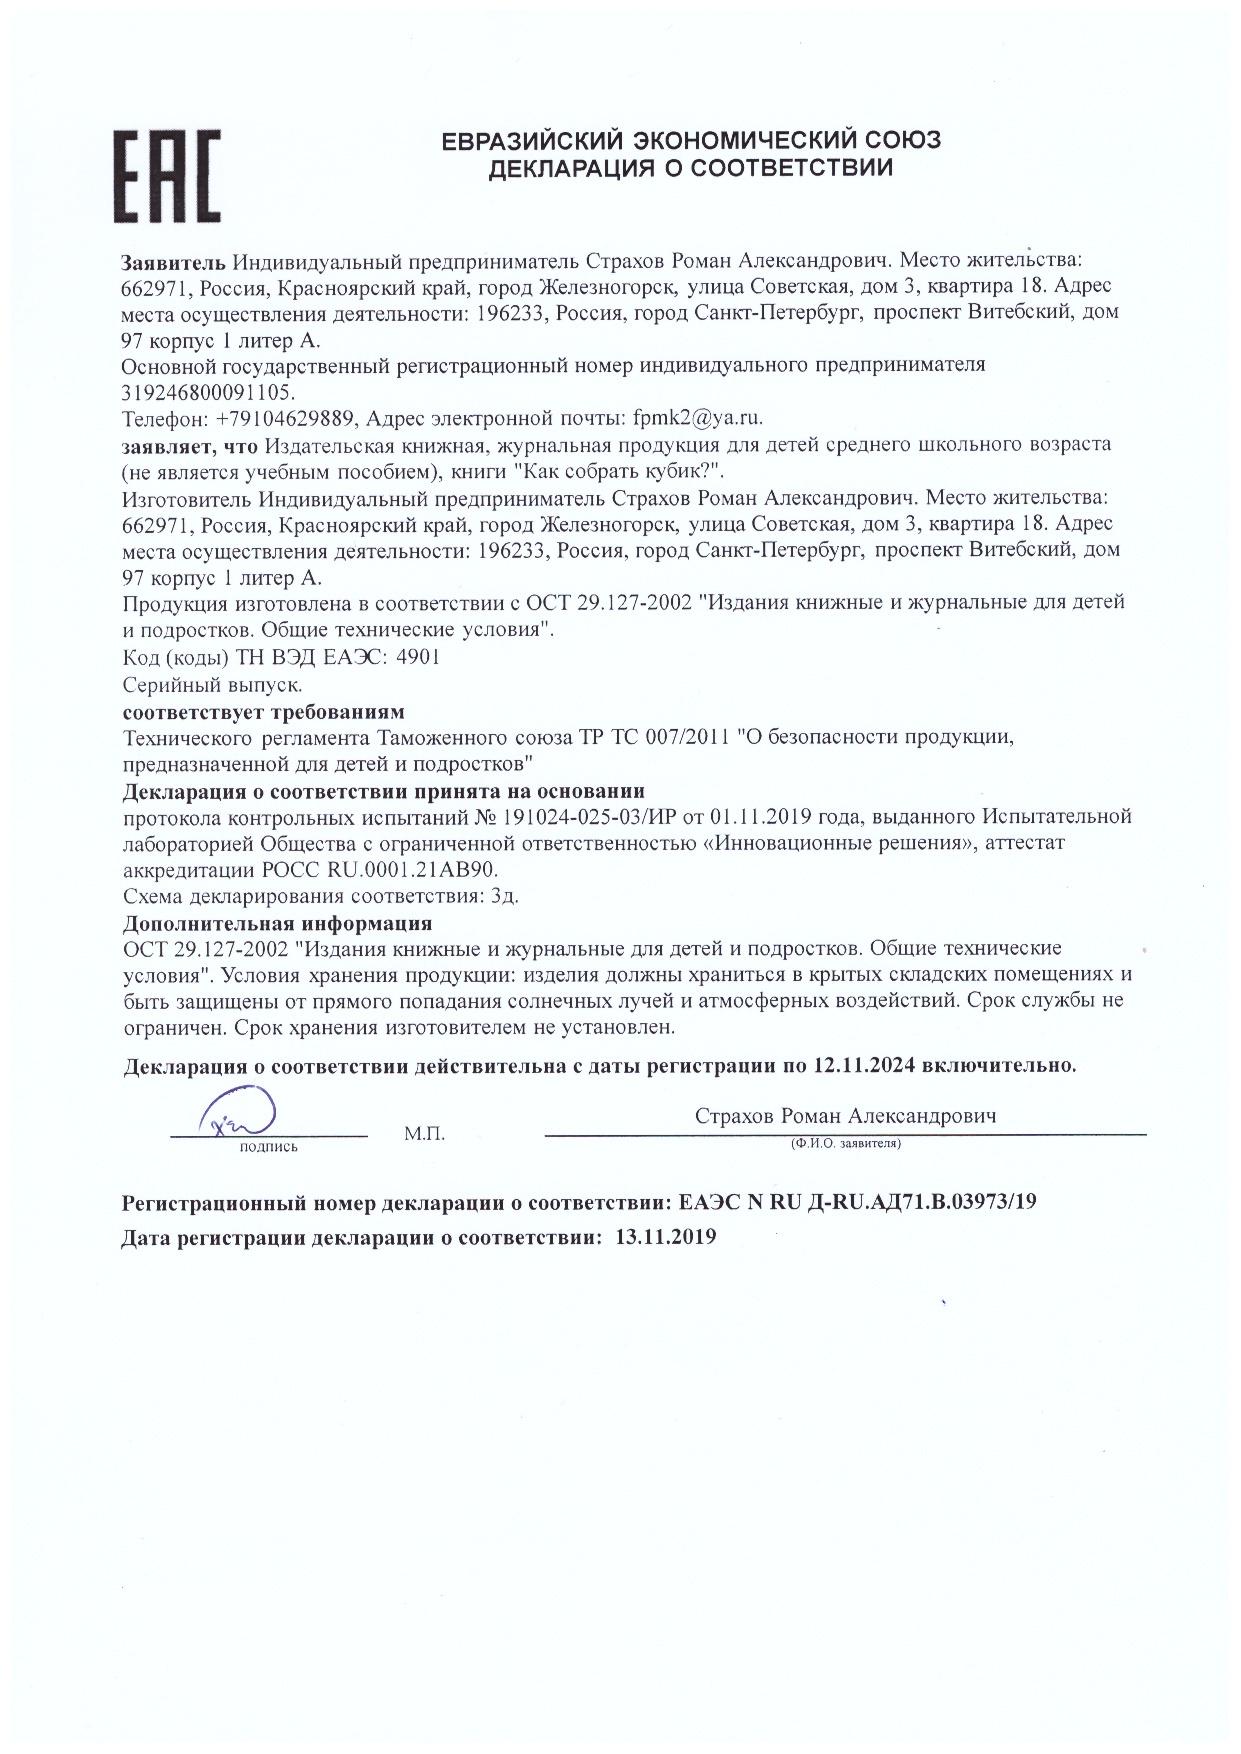 Декларация о соответствии Как собрать кубик